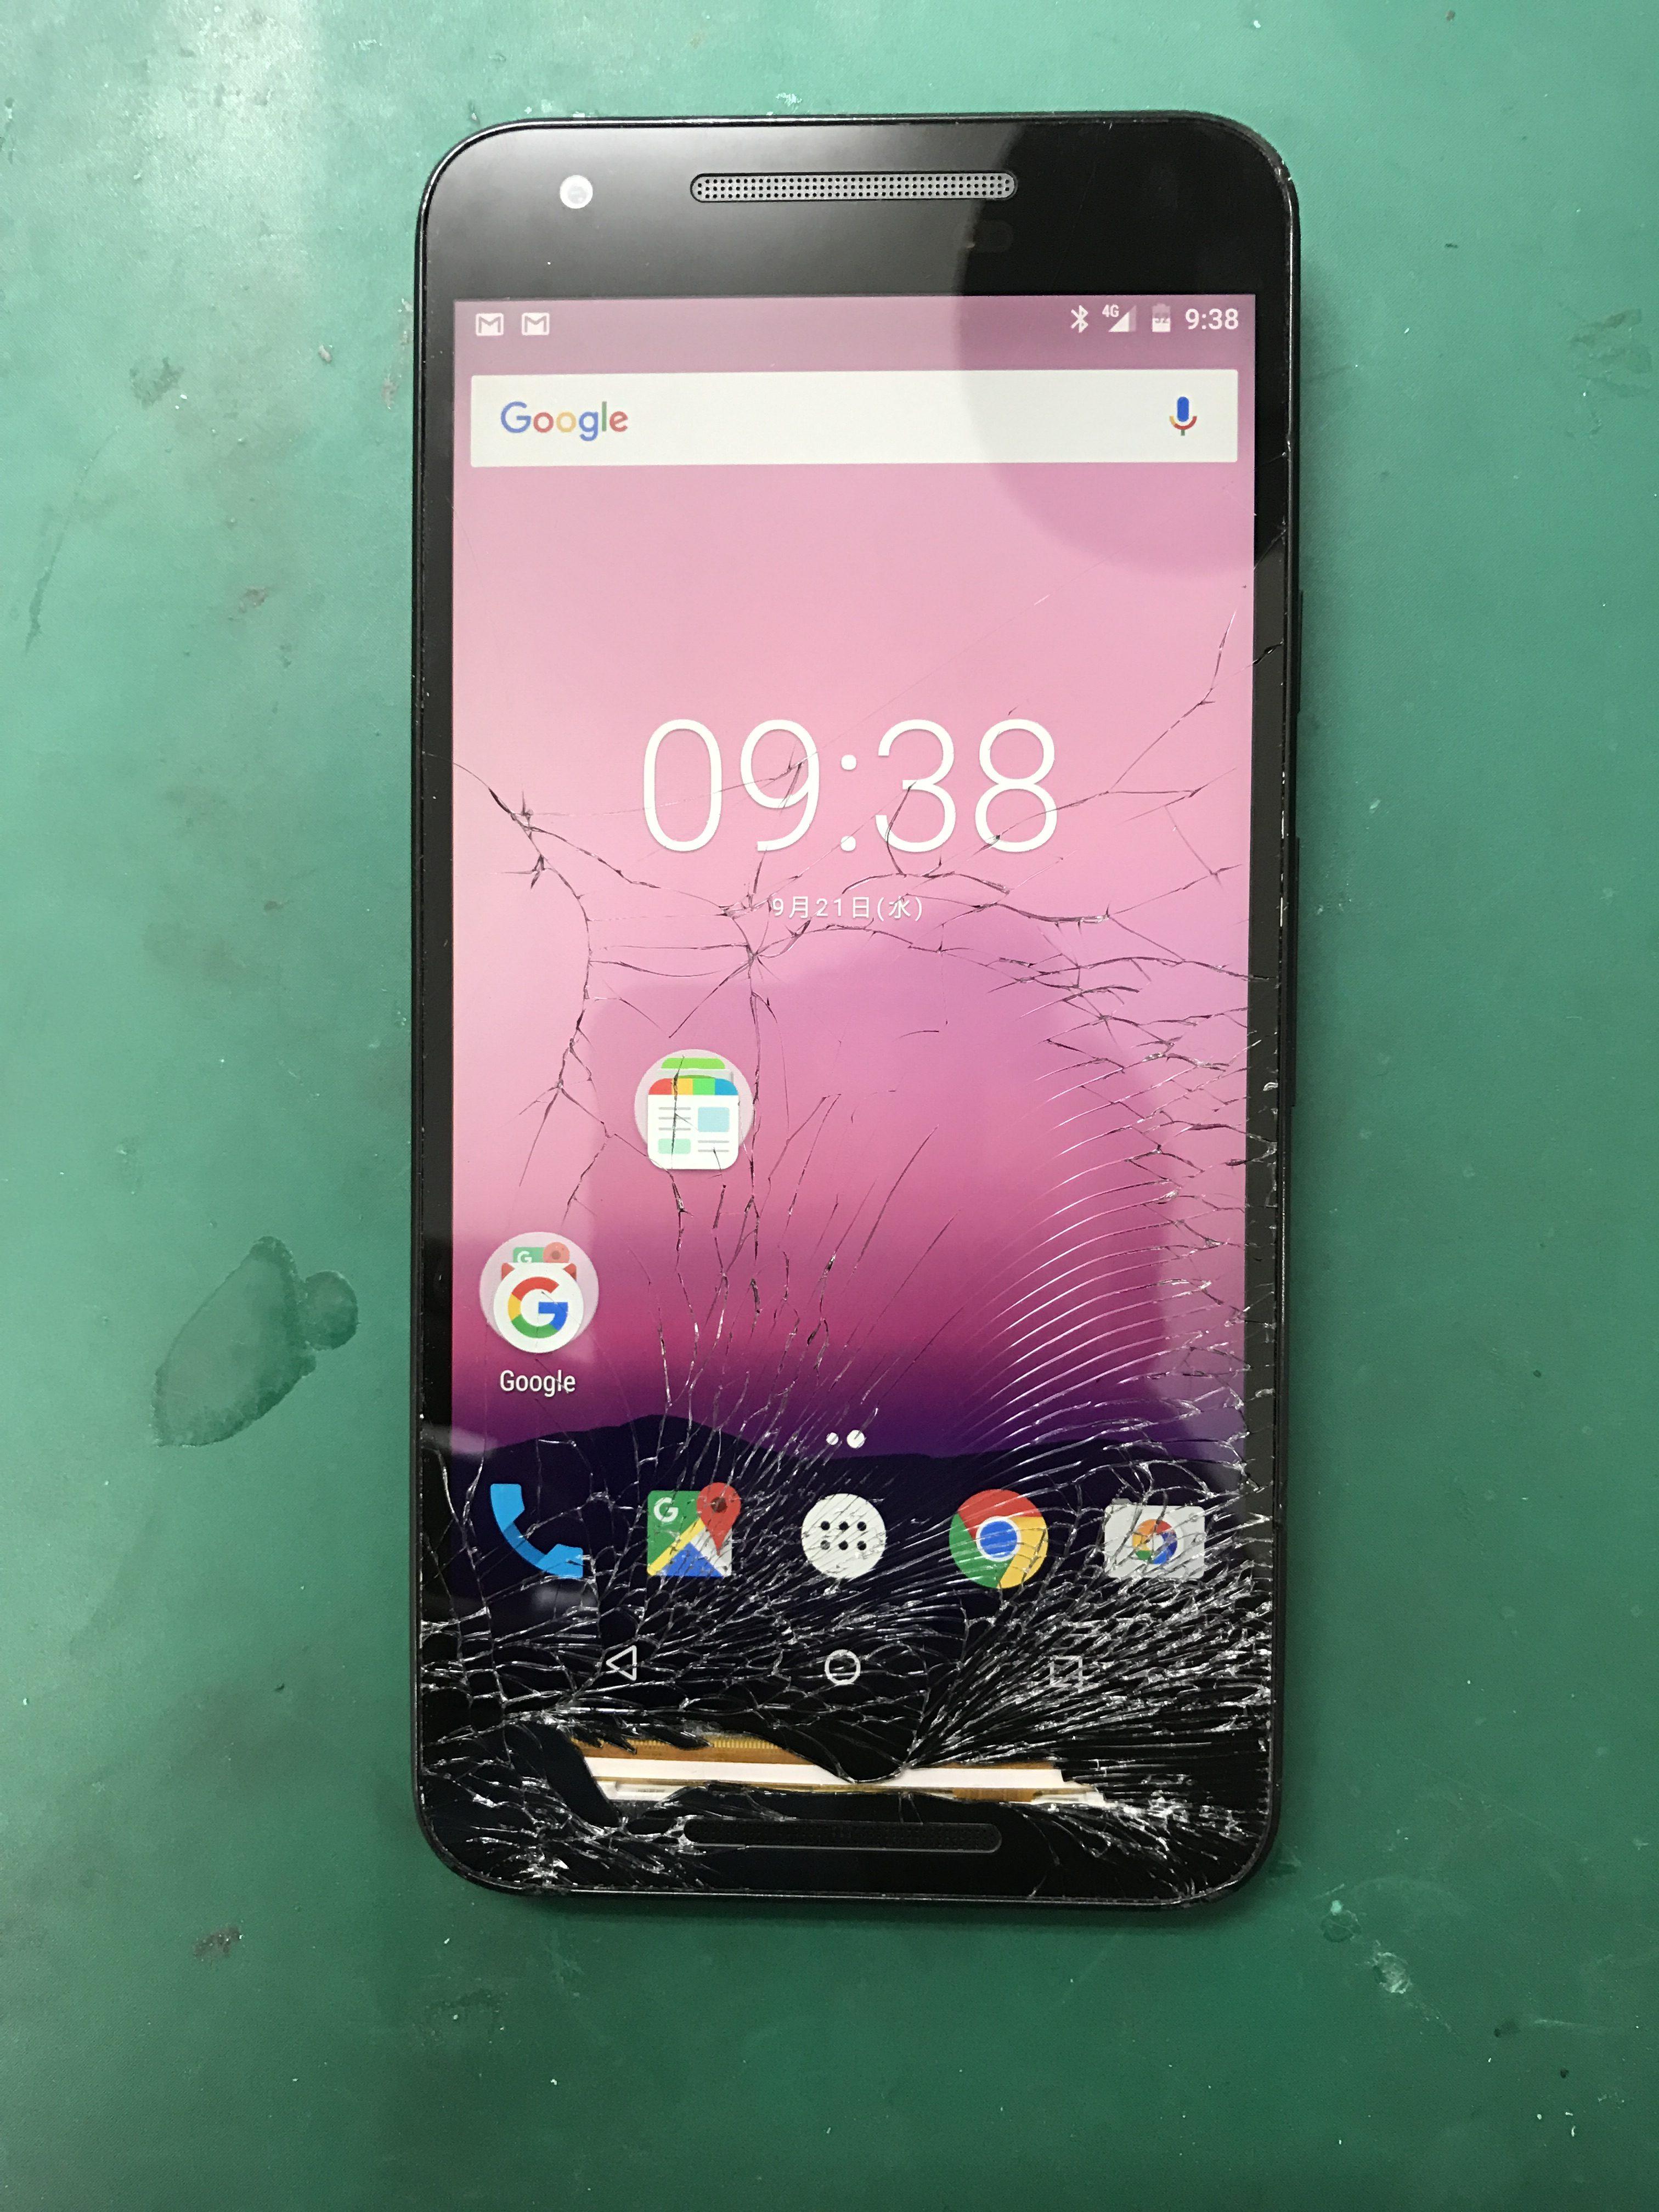 ガラスが割れてしまったLG Nexus 5X